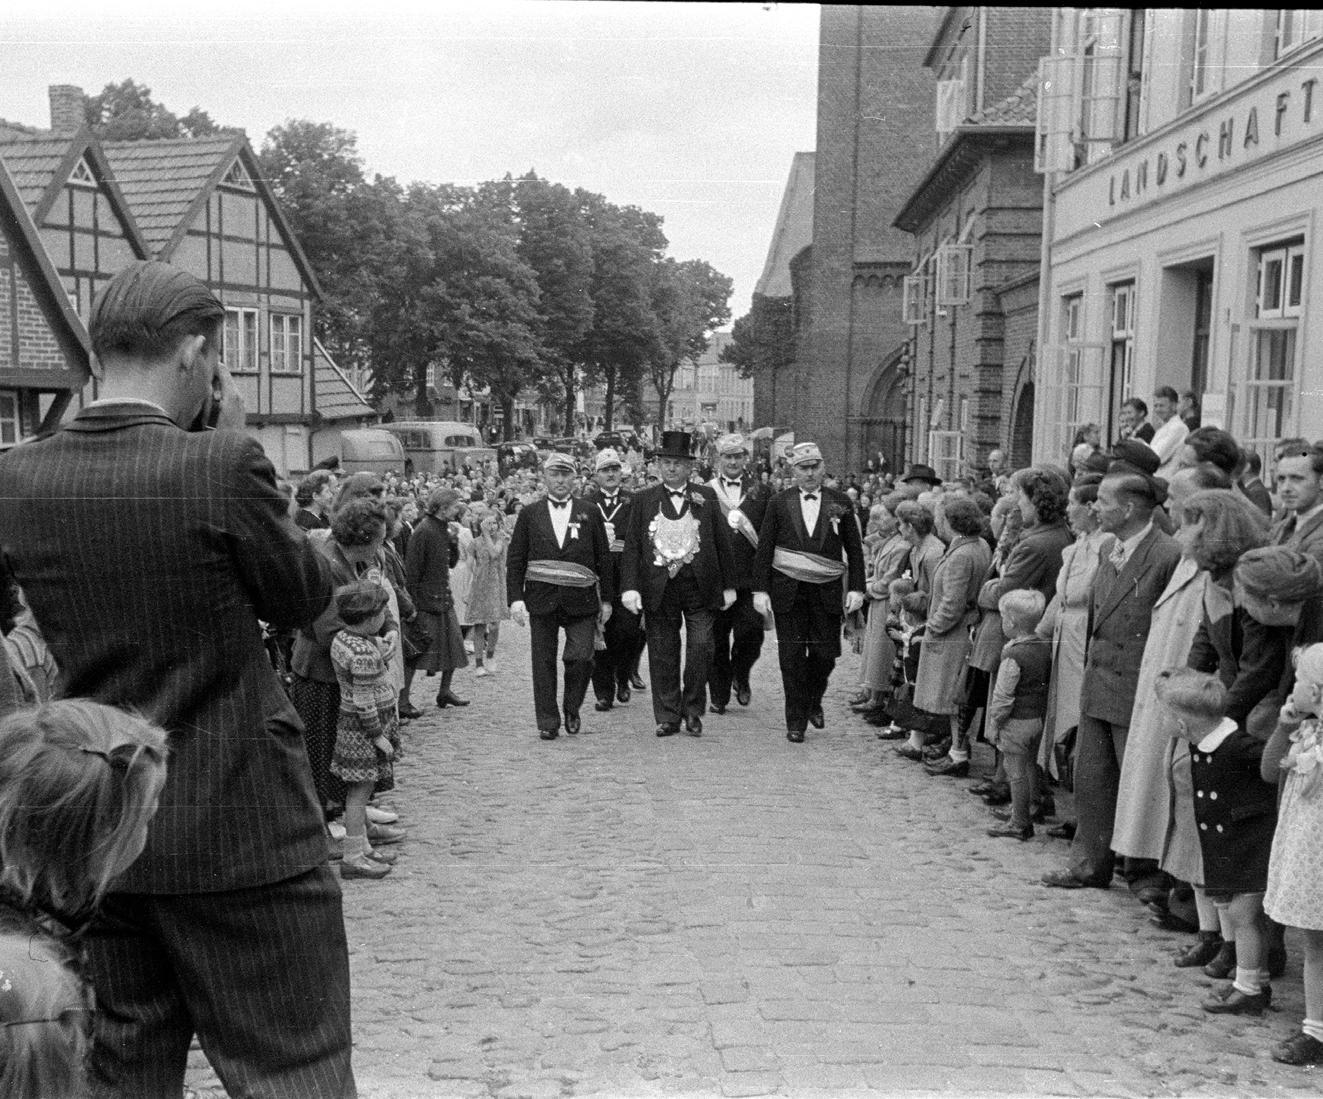 Die Schützengilde am Morgen des Gildefestes 1951 mit König Heinrich Ehlers. FOTO: HFR